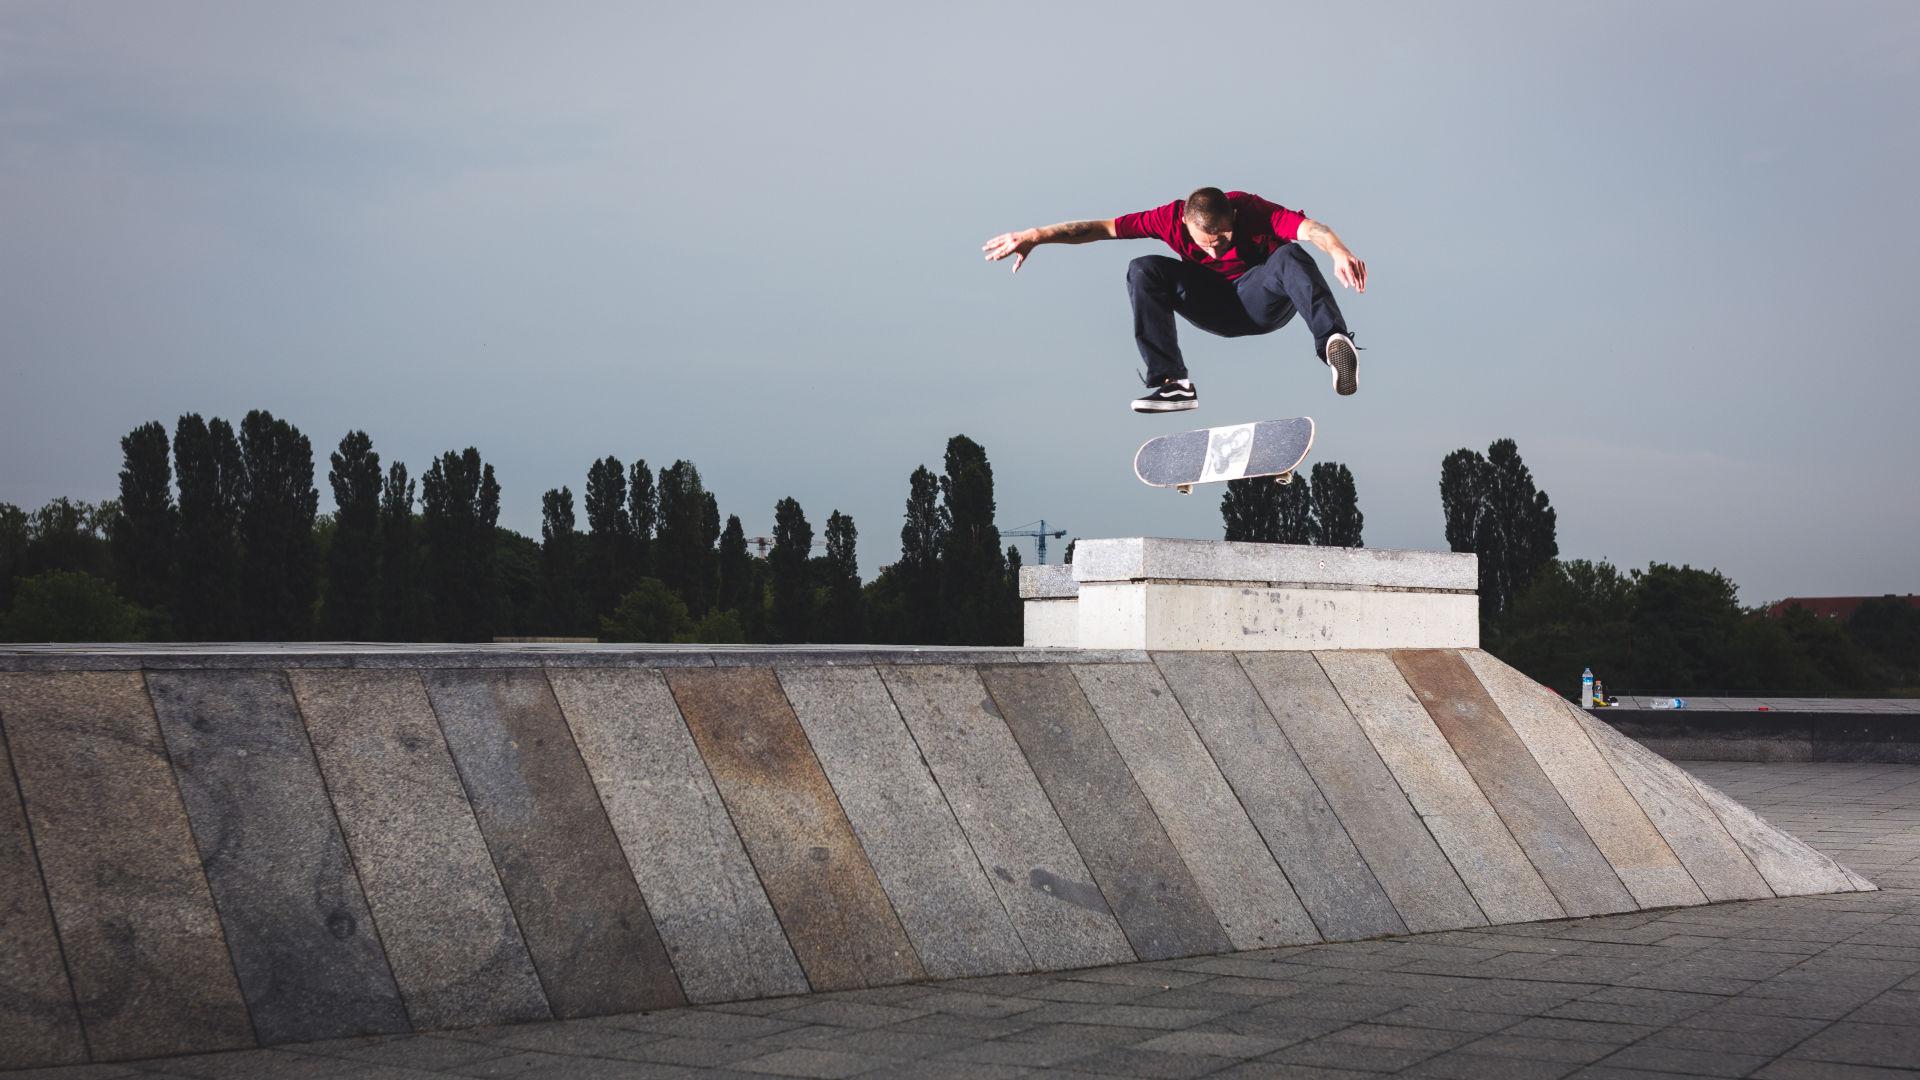 Rider doing a kickflip in the skatepark